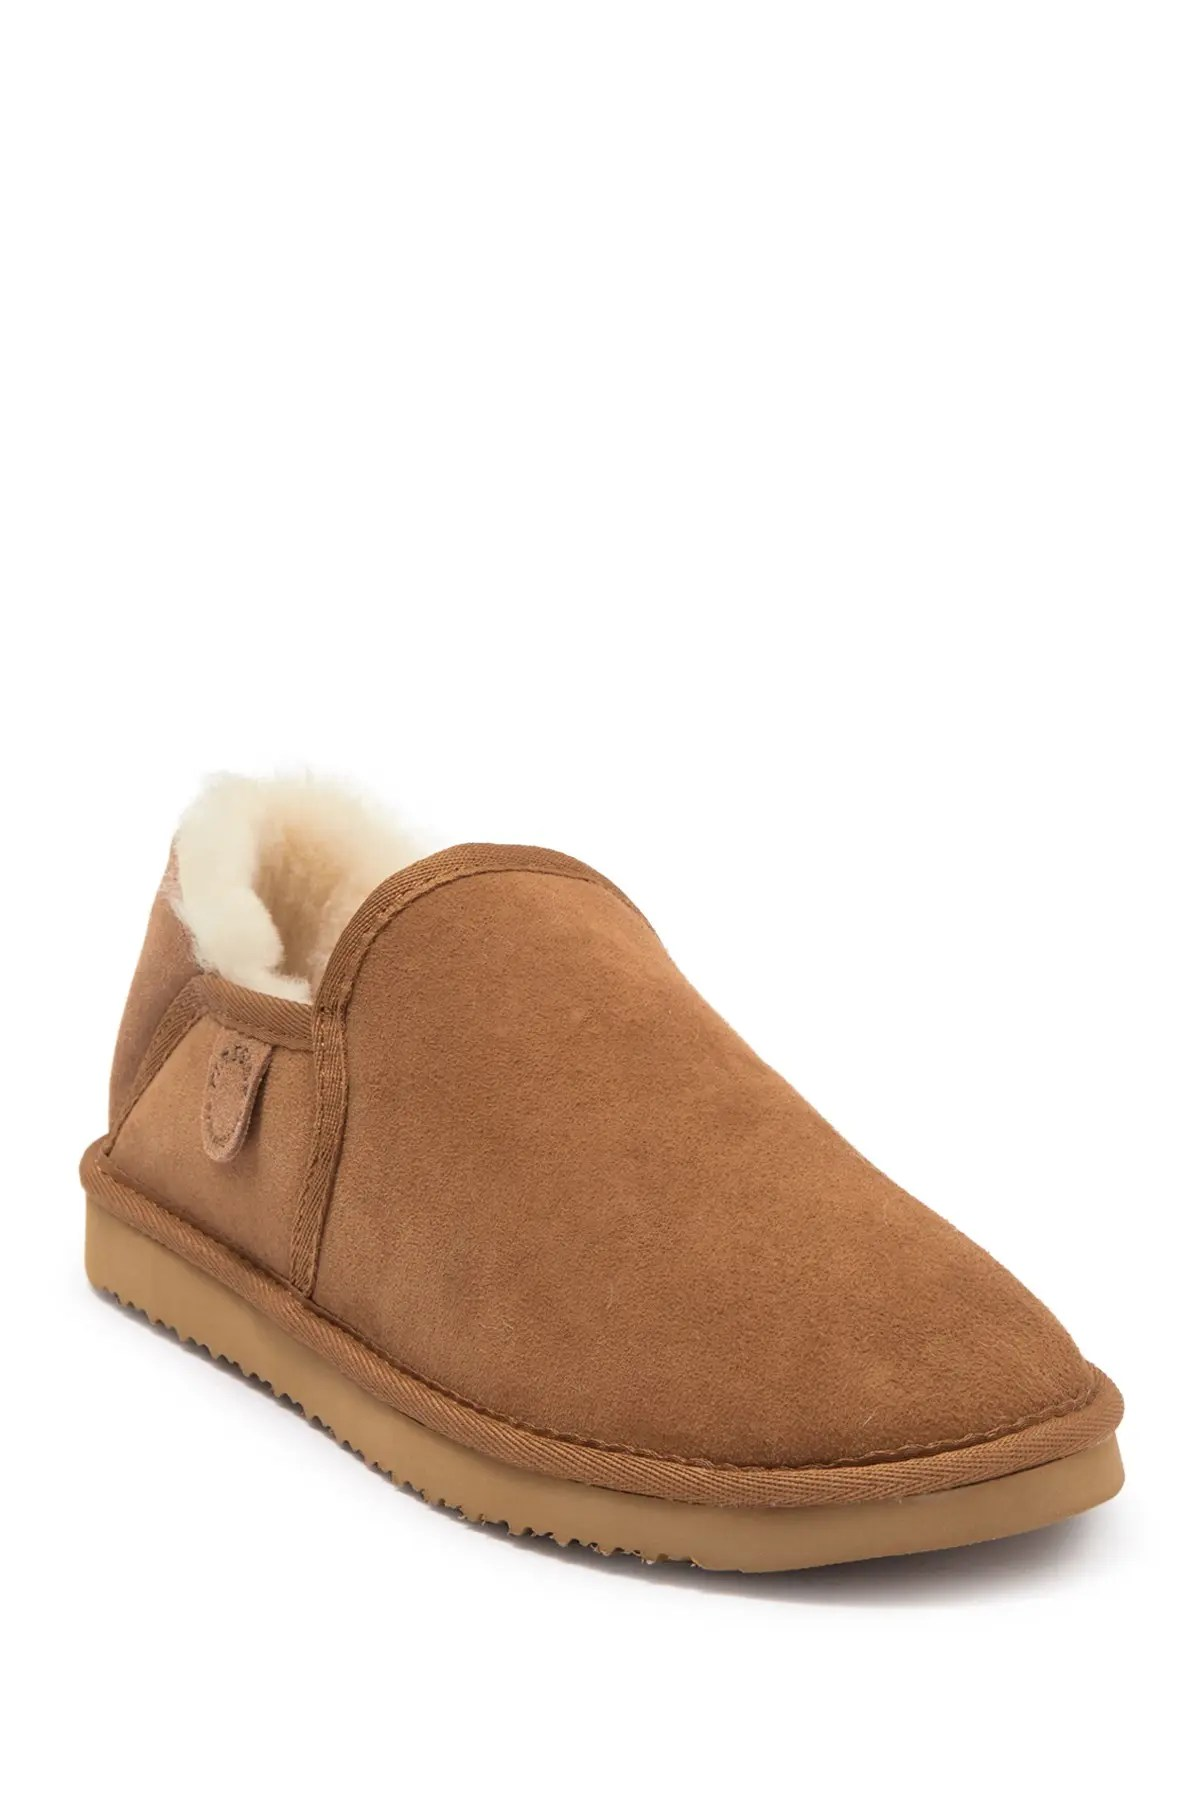 fireside by dearfoams slippers for men